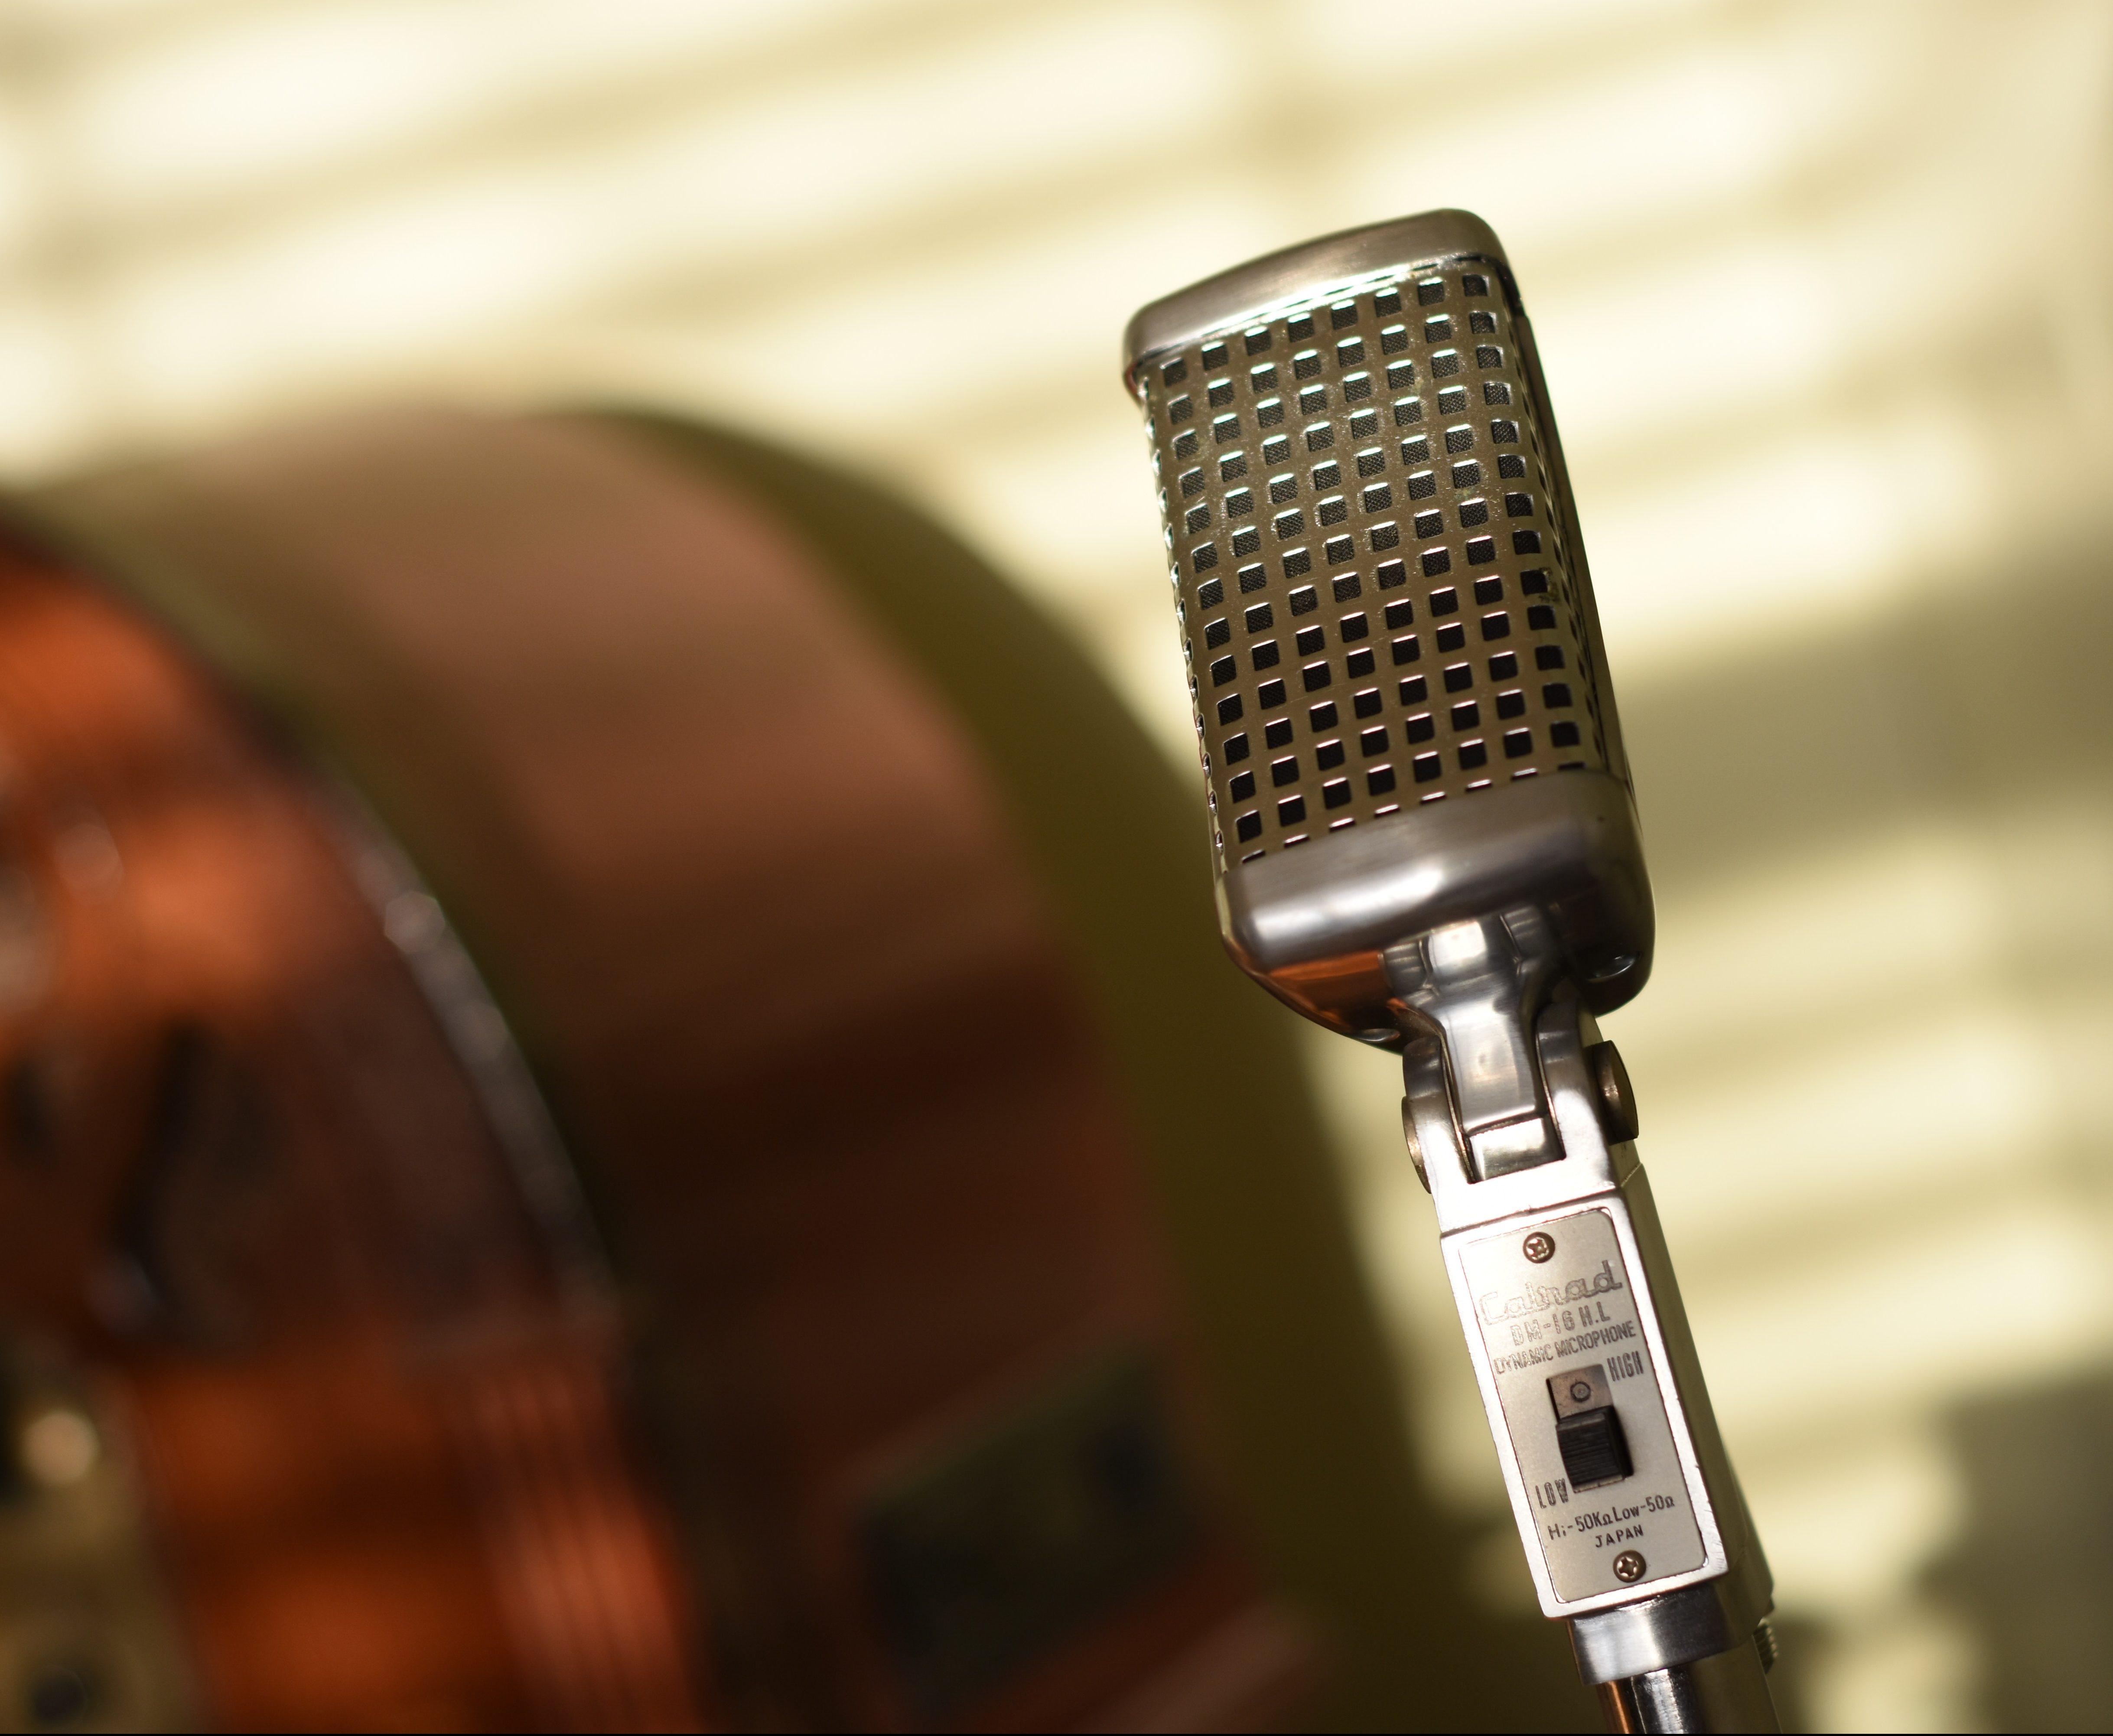 Altes Mikrophon, das man auf Werbebildern von Slams oft sieht, die aber richtig doof für den Gebrauch sind